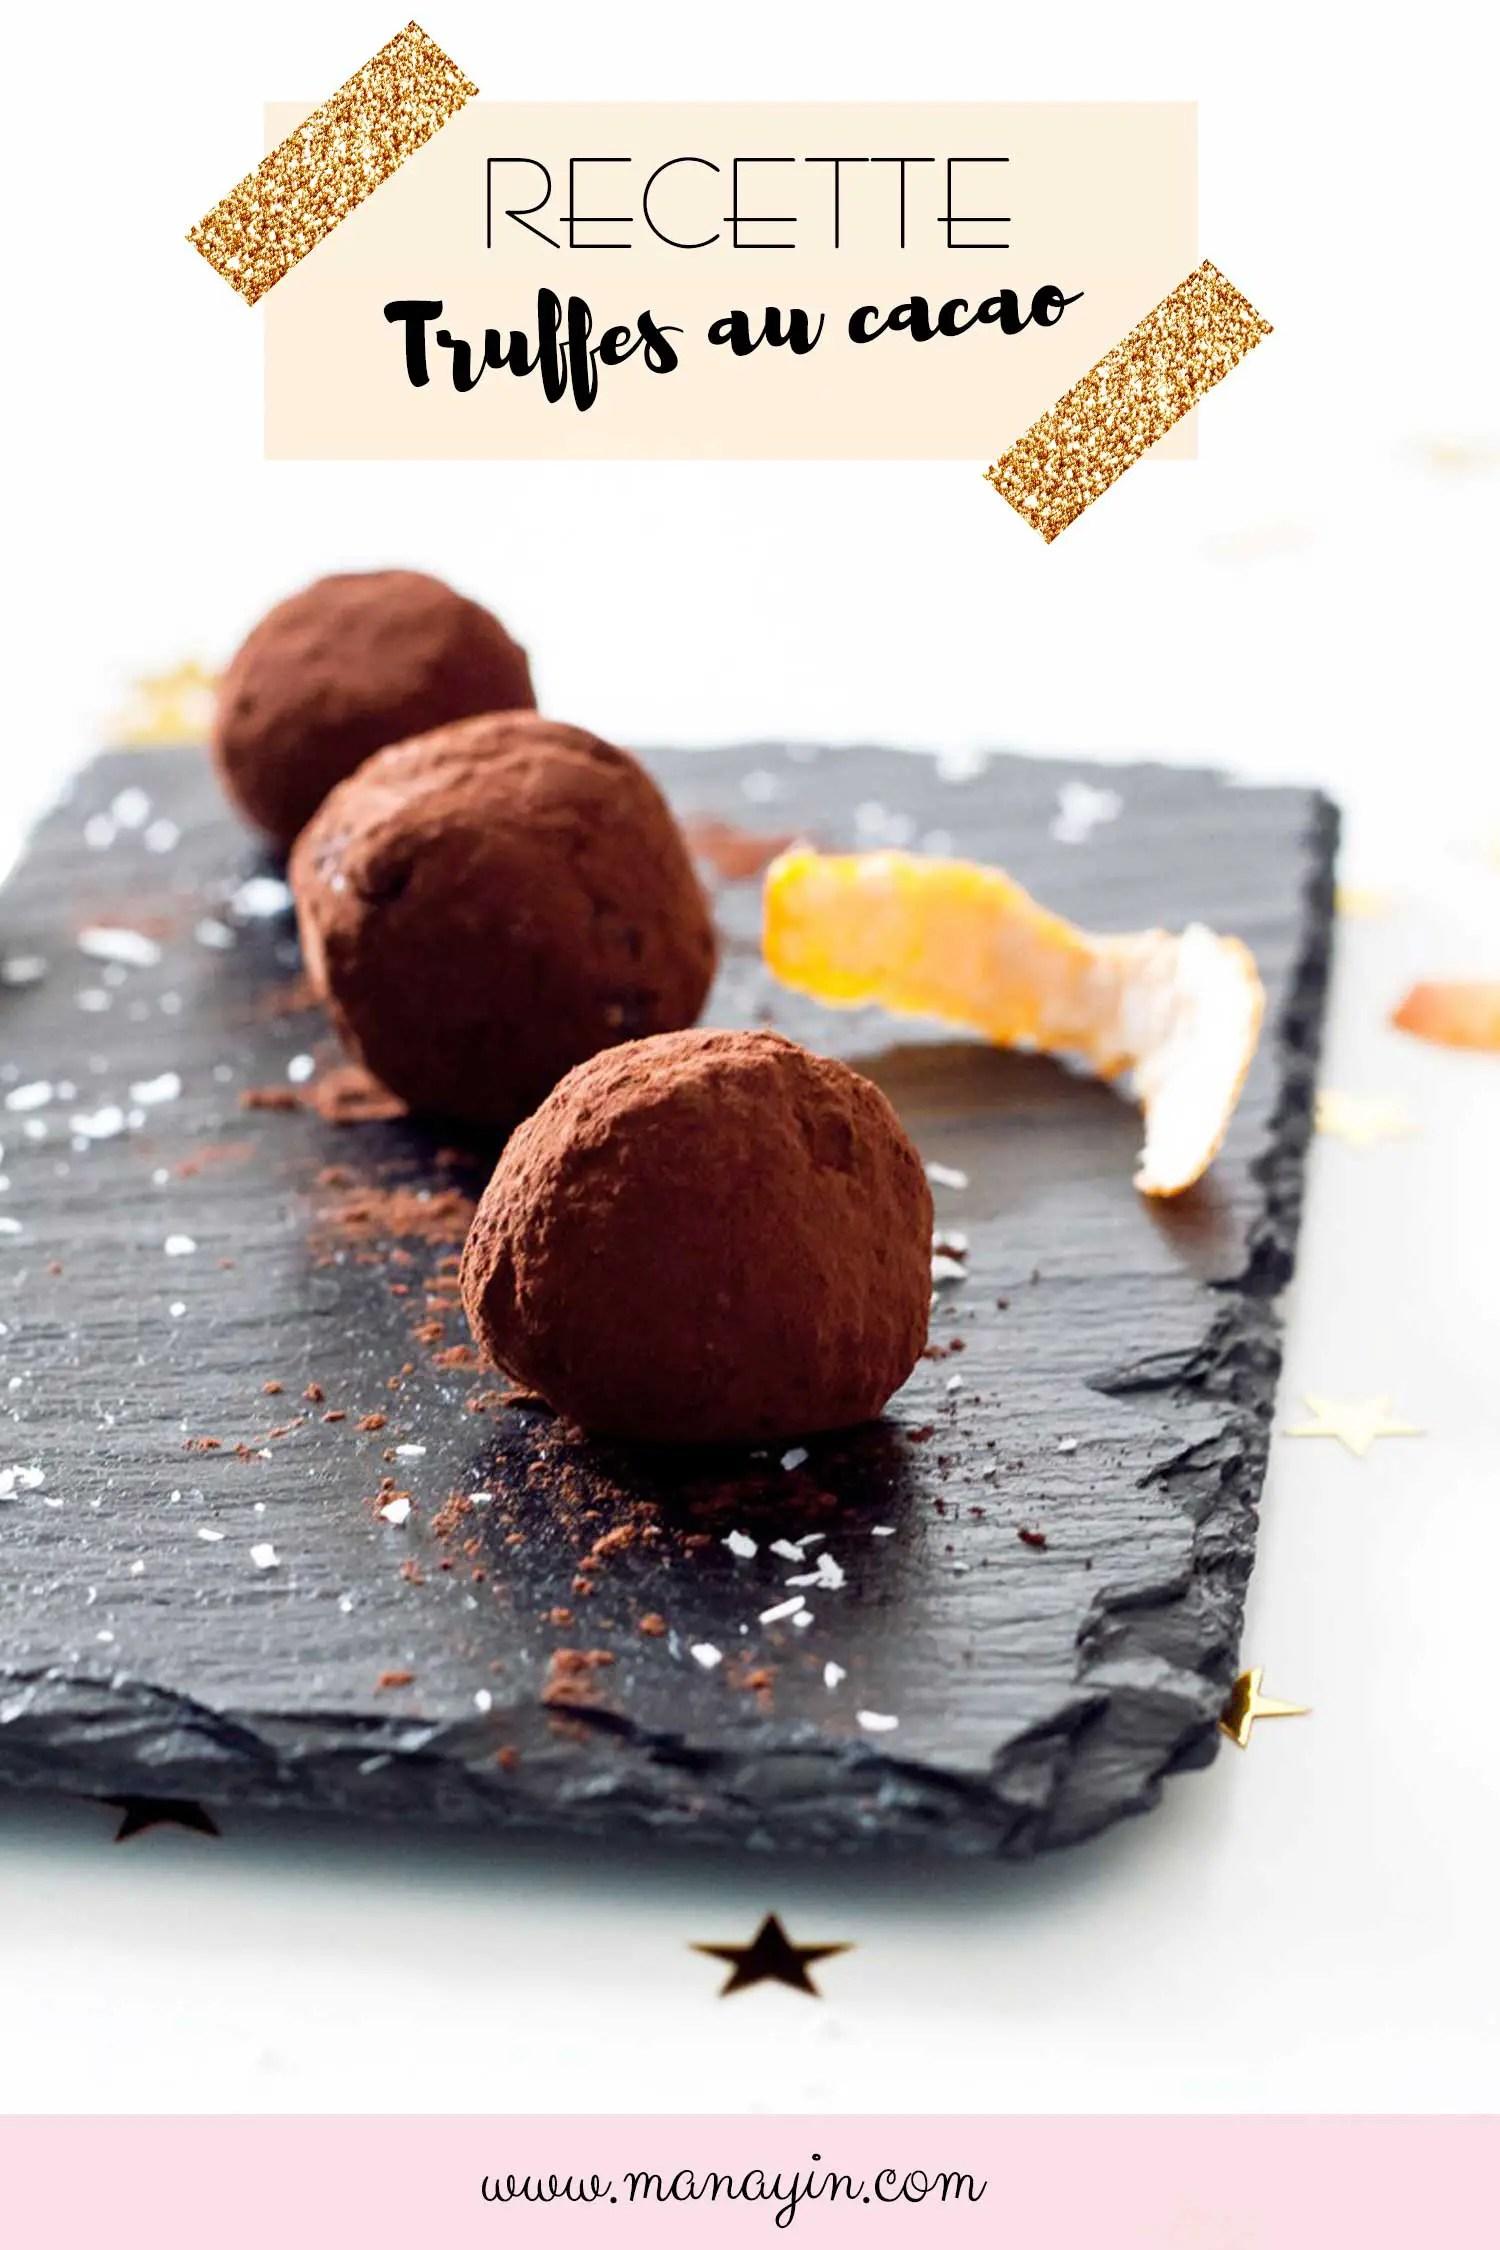 Recette truffes au cacao